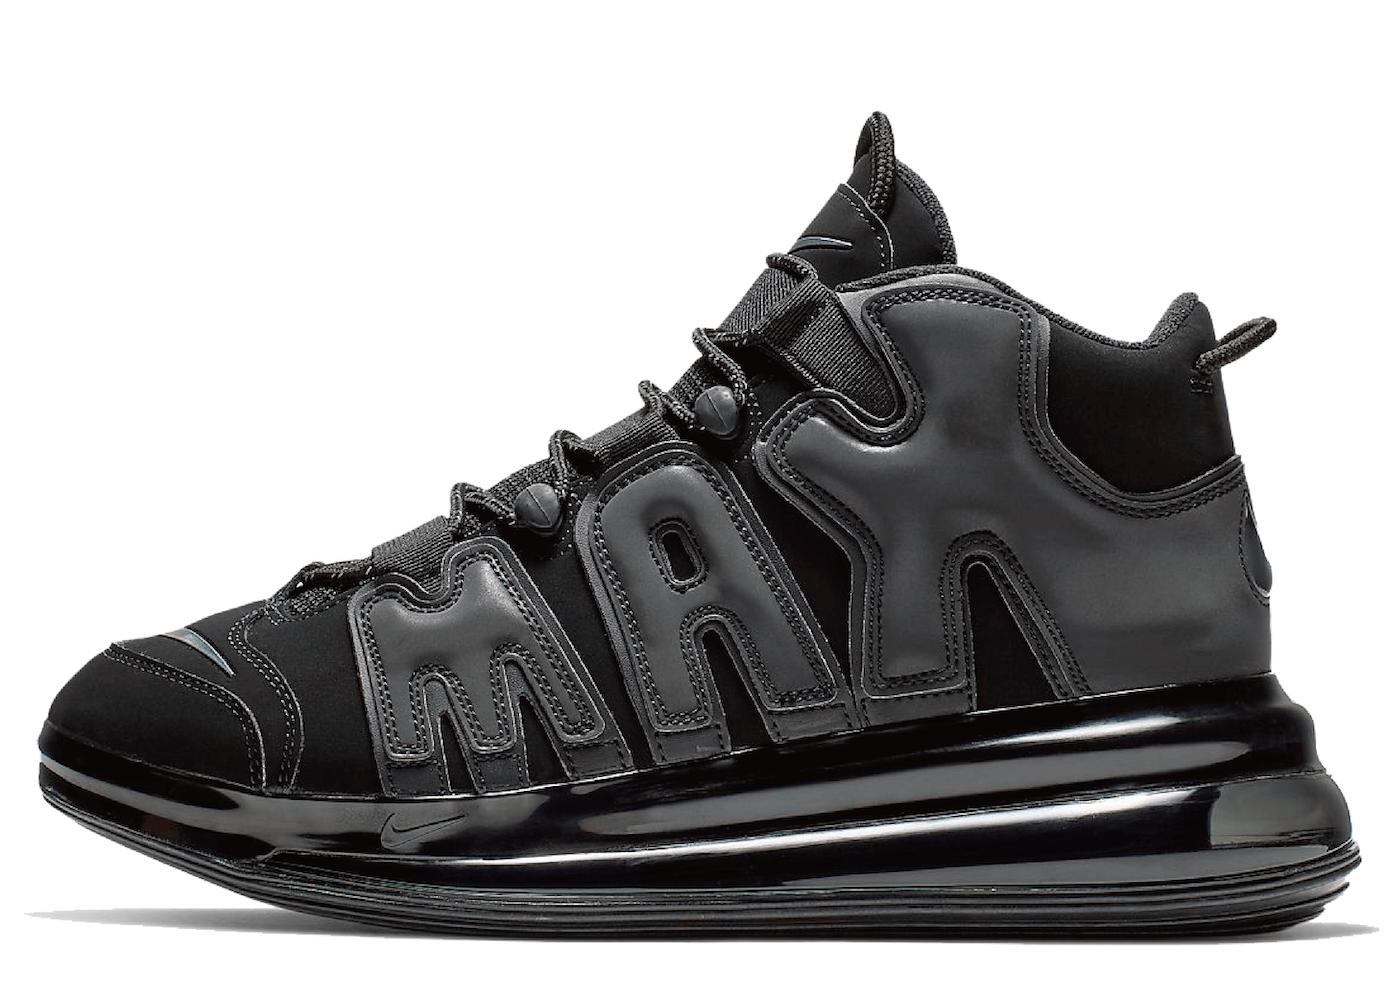 Nike Air More Uptempo 720 Black